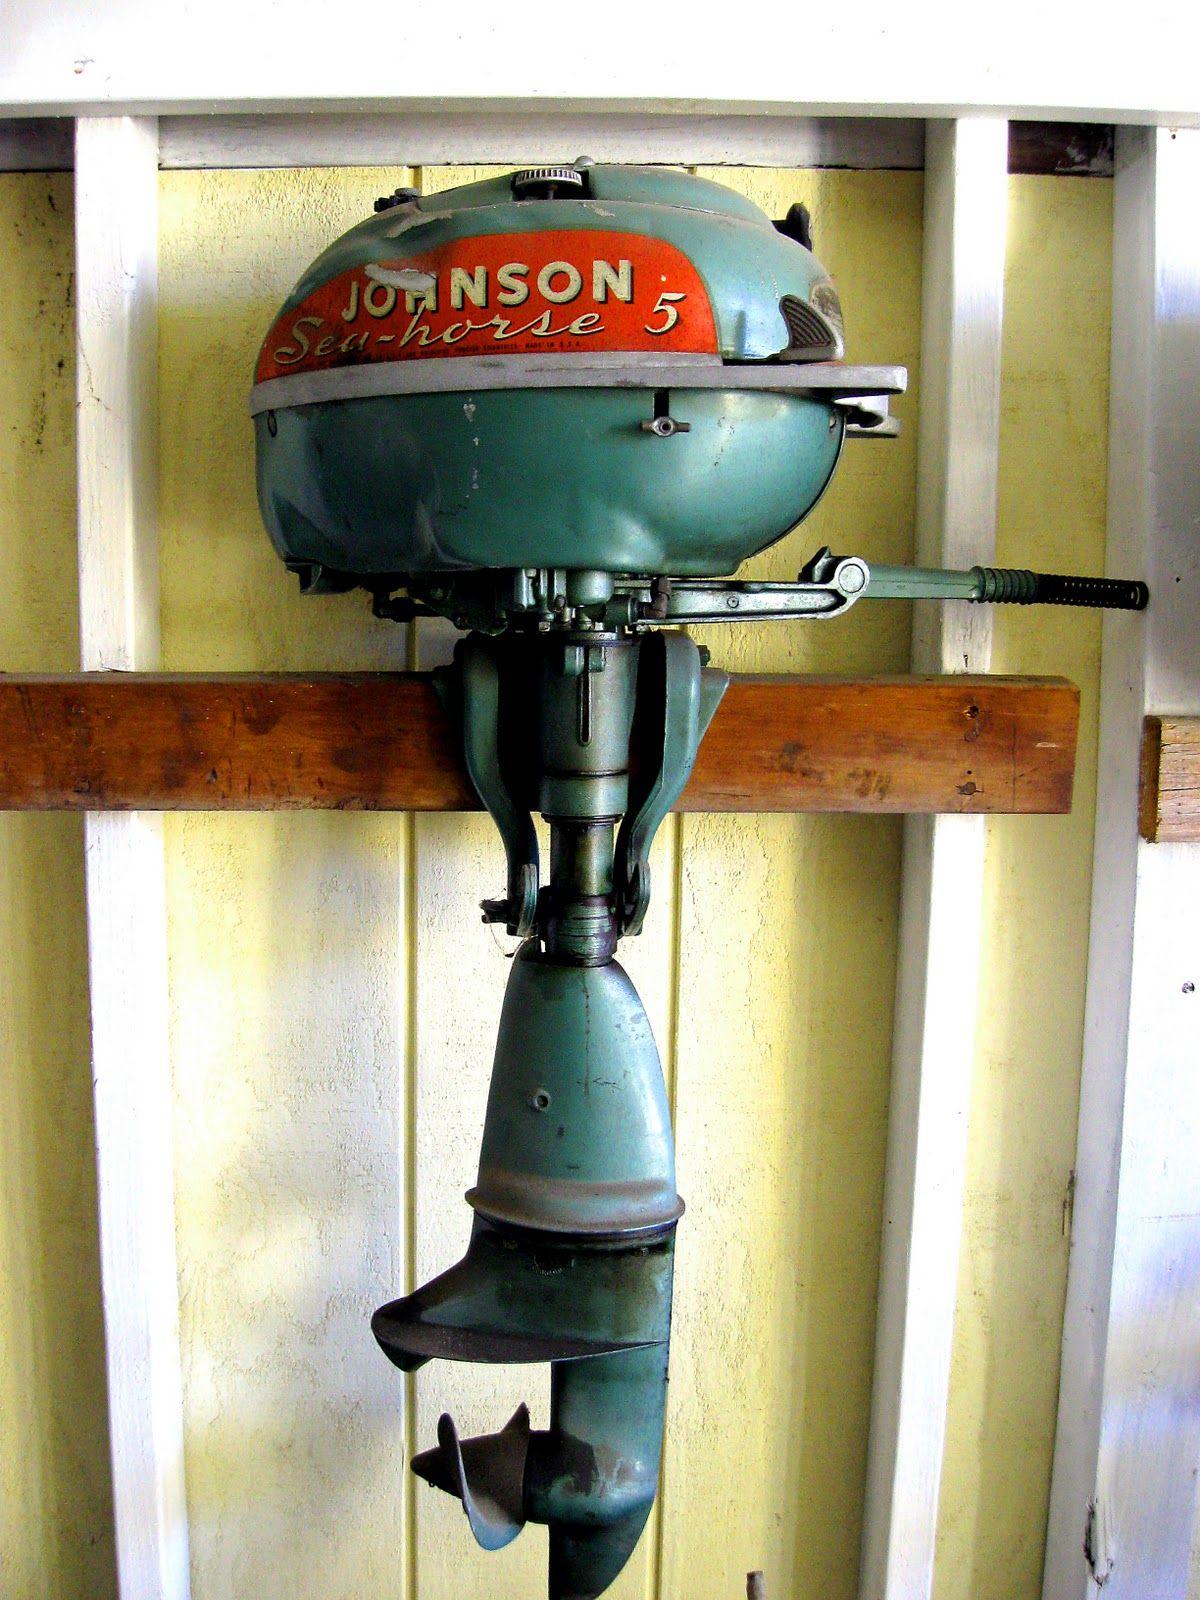 Who sells Johnson outboard motors?